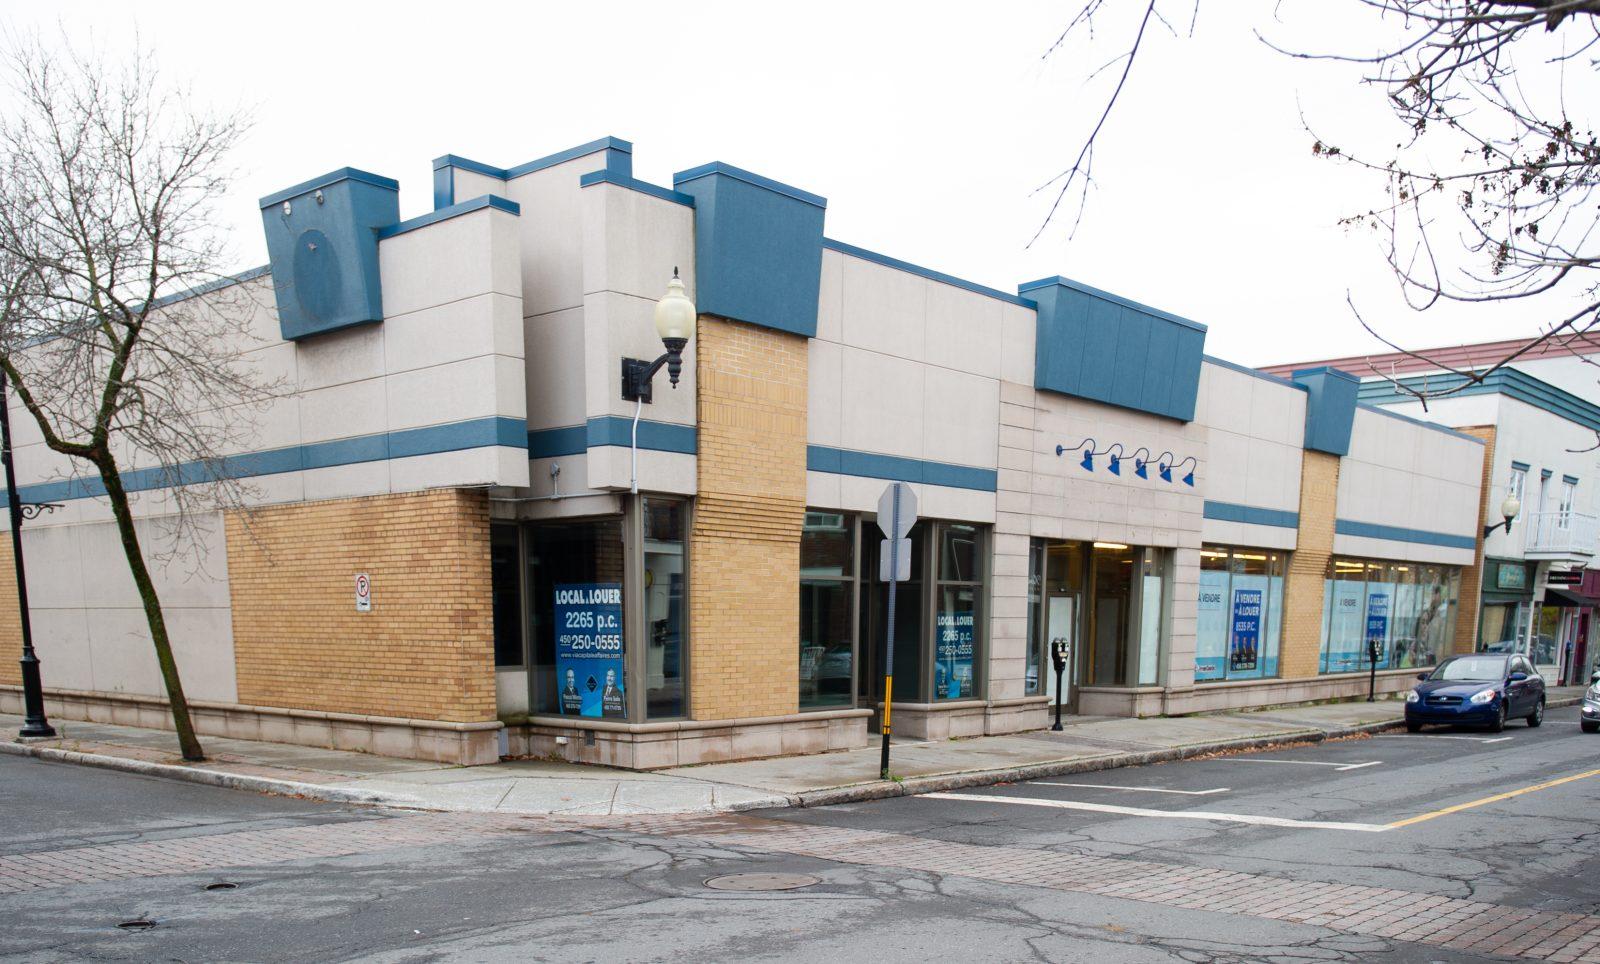 Salle de style cabaret: la Ville a ciblé certains bâtiments